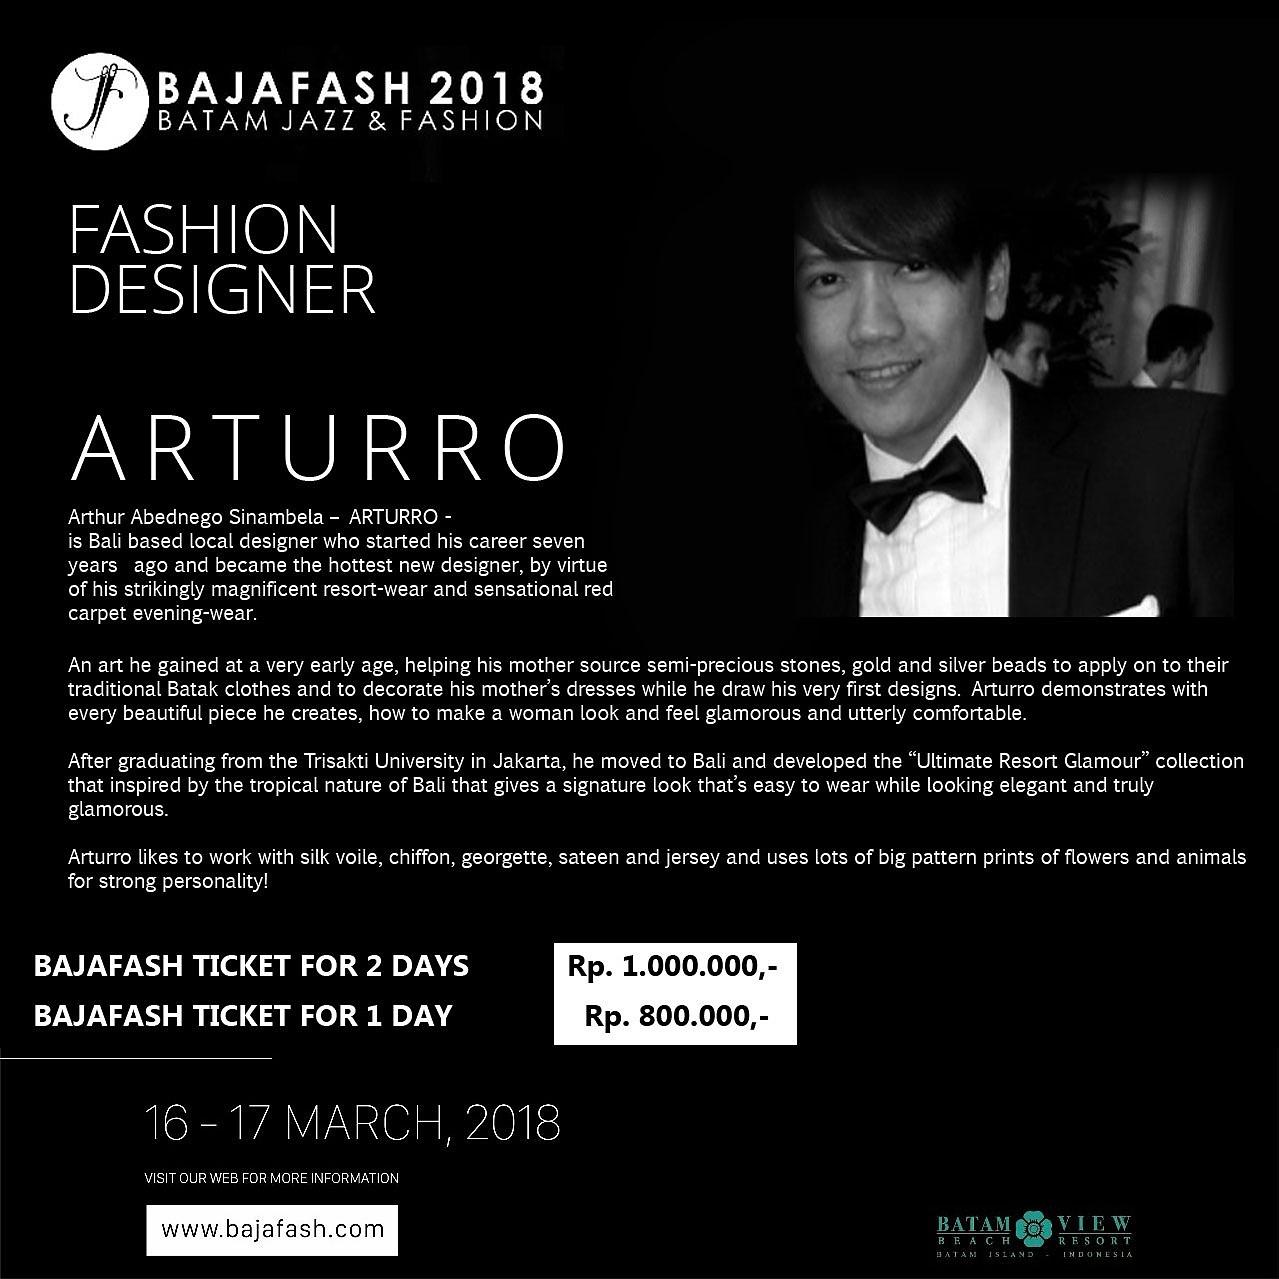 Arturro di Bajafash 2018